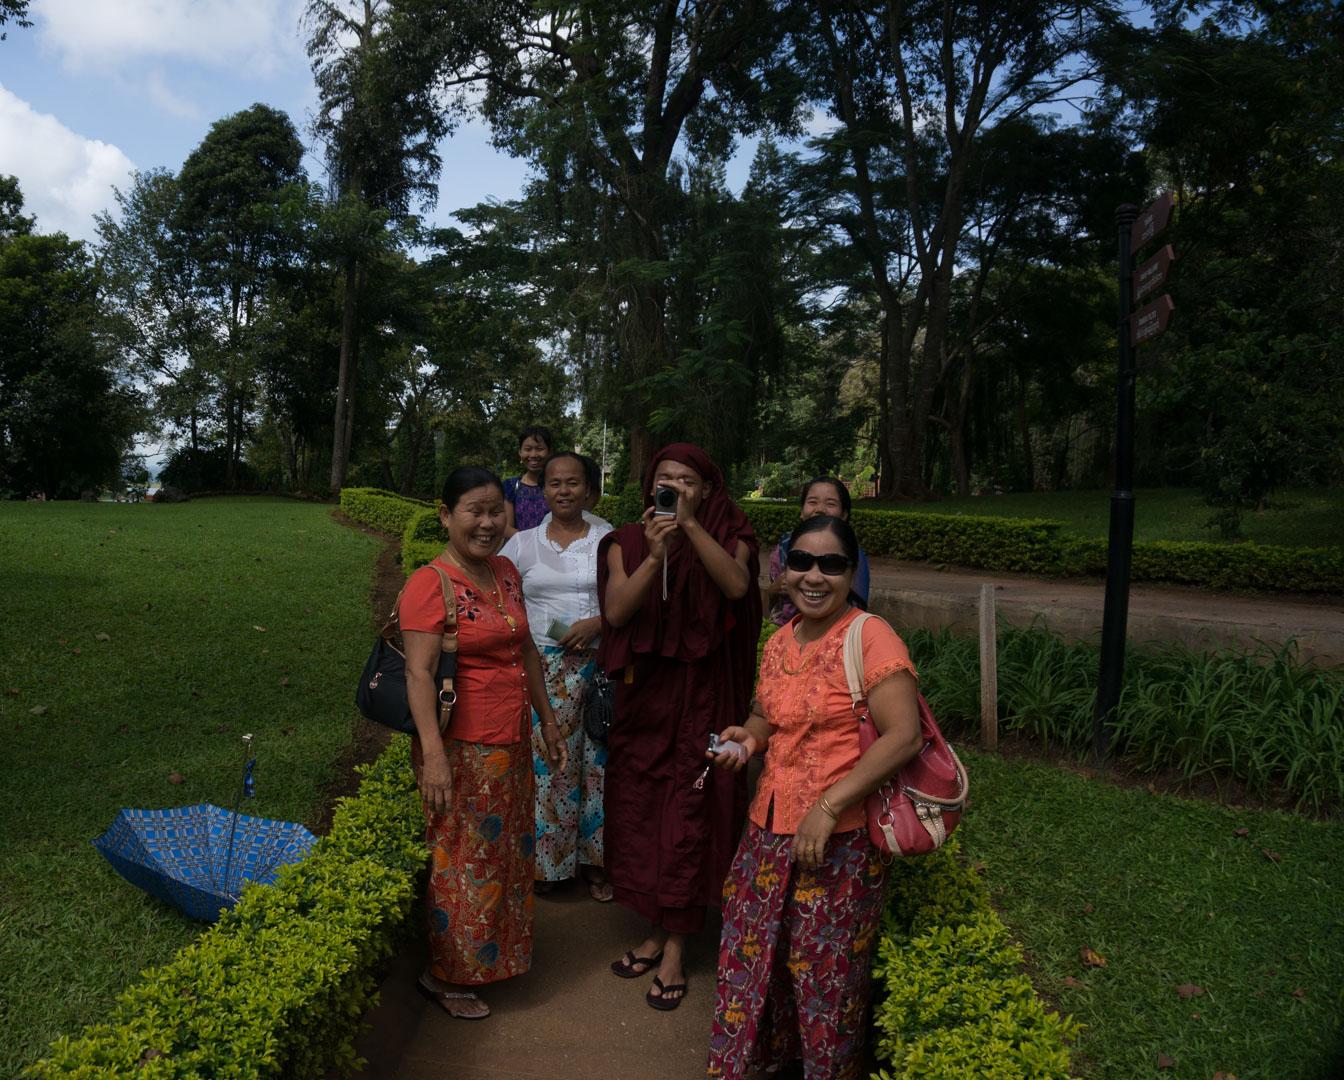 Pyin OO Lwin Botanischer Garten